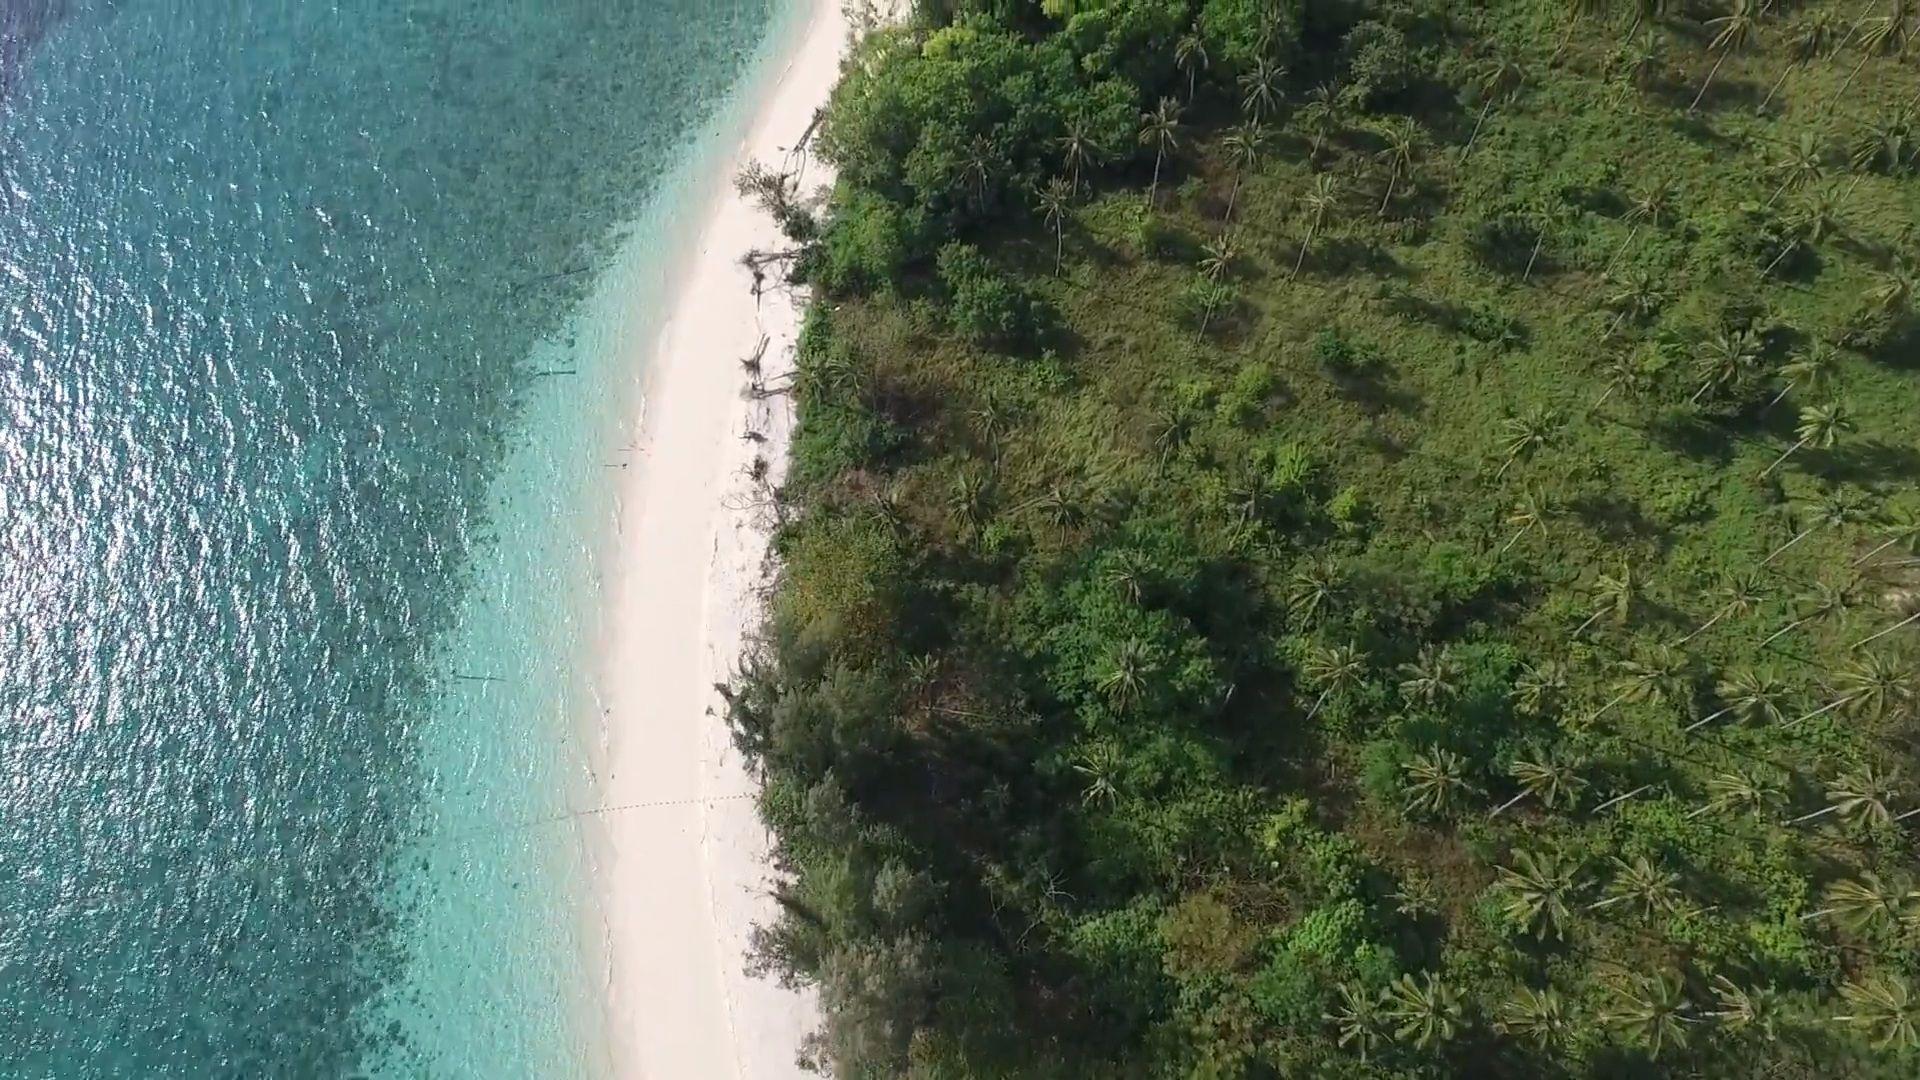 Idealny pas białego piasku na wyspie Koh Poda, Krabi.